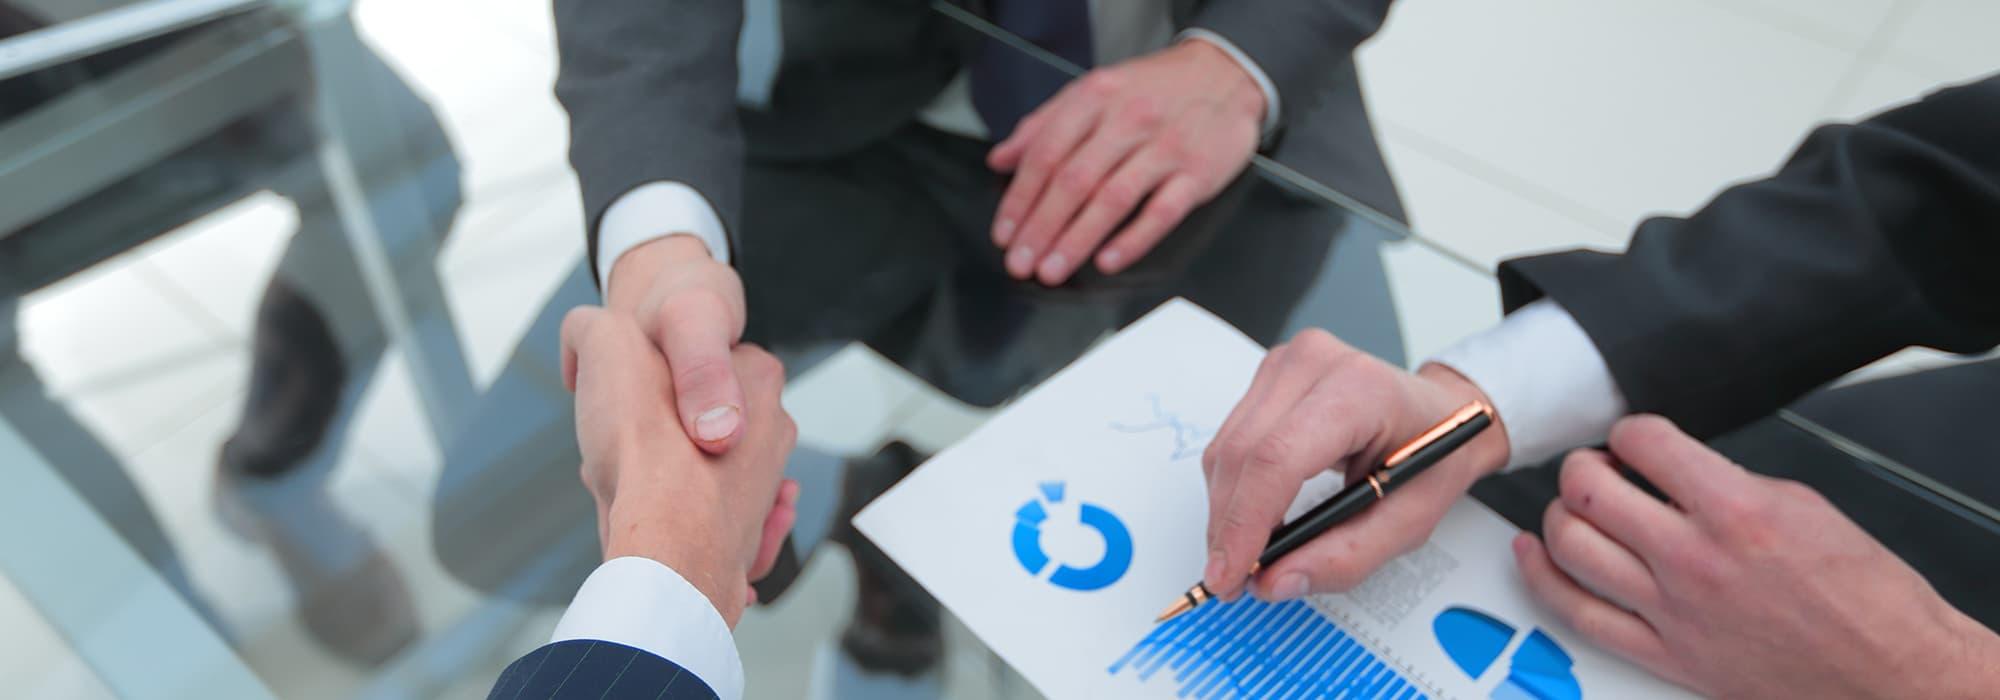 Solus'Gestion - Partenaire Gestion Locative des agences immobilières - Optimisez votre rentabilité